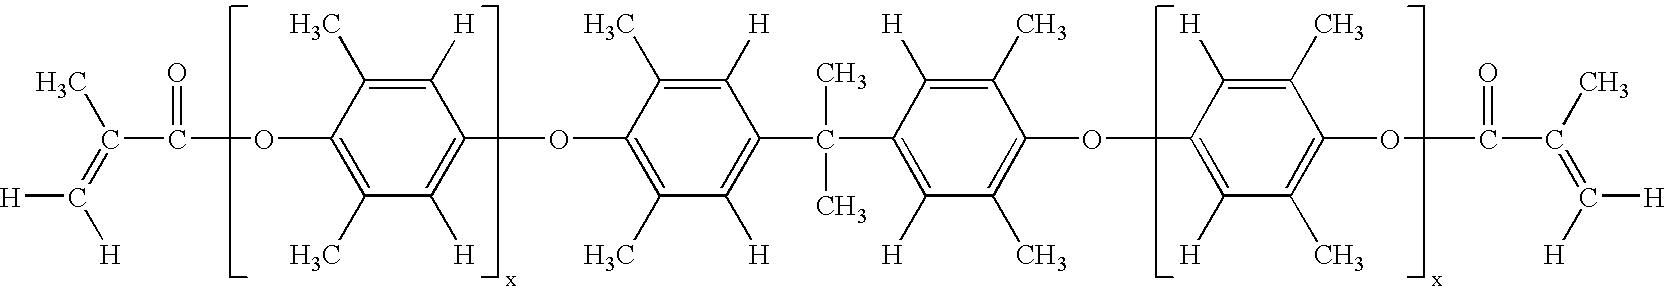 Figure US20080071000A1-20080320-C00018